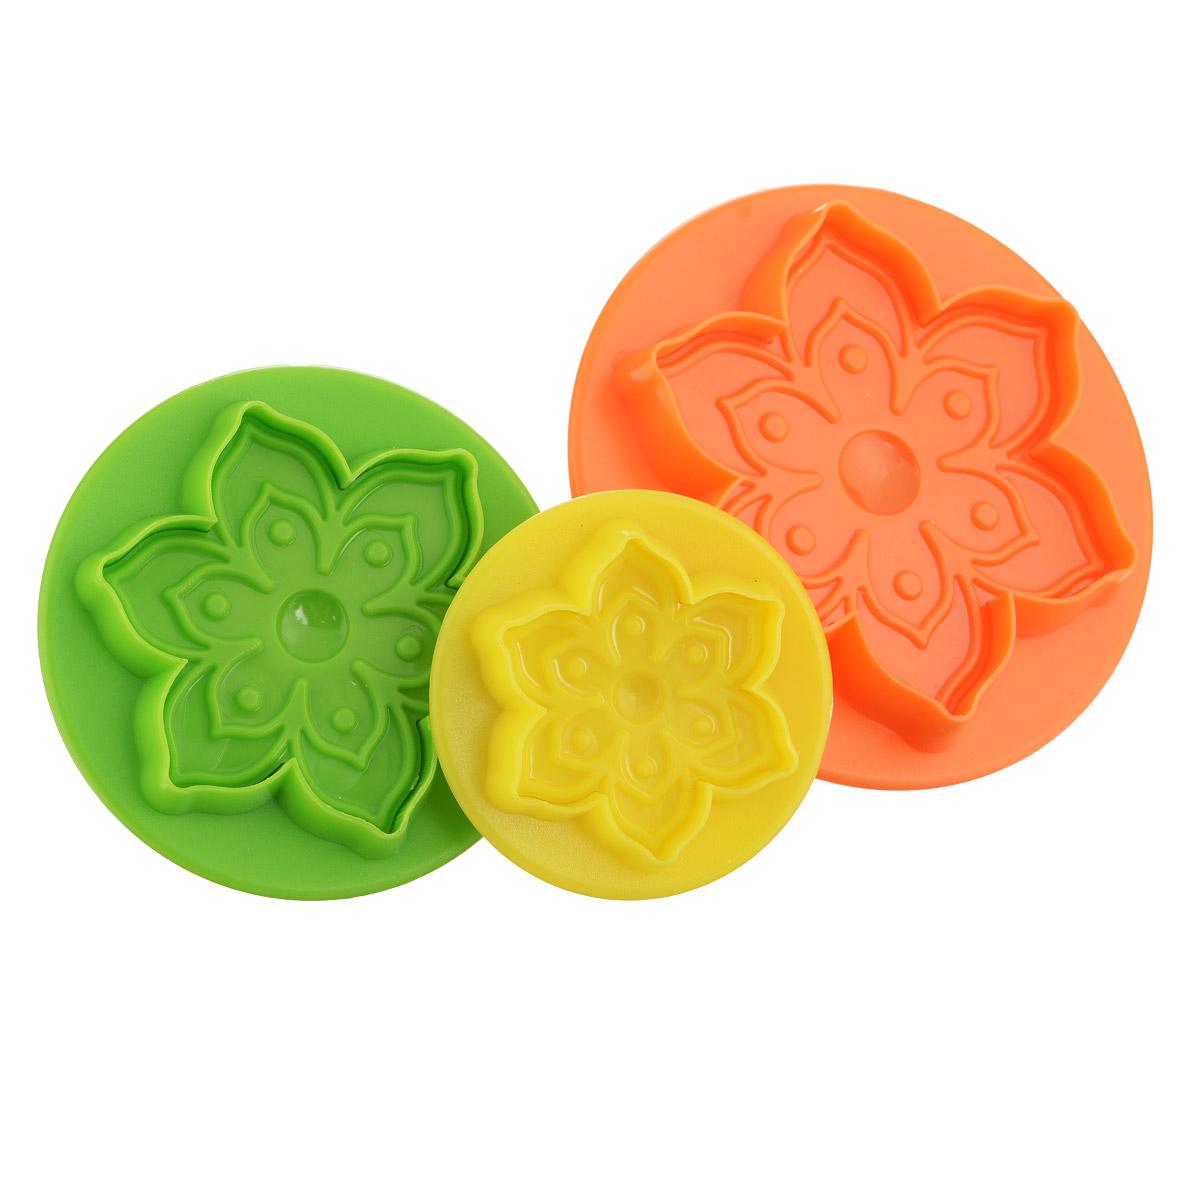 Набор форм для печенья Mayer & Boch Цветок, цвет: зеленый, оранжевый, желтый, 3 шт24014_зеленый,оранжевый,желтыйНабор Mayer & Boch Цветок состоит из трех формочек, выполненных из разноцветного пластика. Изделия имеют форму цветов, оснащены удобными ручками. Раскатайте тесто, возьмите форму, надавите ею на тесто (как будто ставите печать) и у вас получится красивая вырезка в виде цветочка. Такой набор формочек позволит приготовить печенье по вашему любимому рецепту, но в необычном оформлении, которое обязательно придется по душе и детям, и взрослым. Диаметр форм: 8 см, 7 см, 5 см.